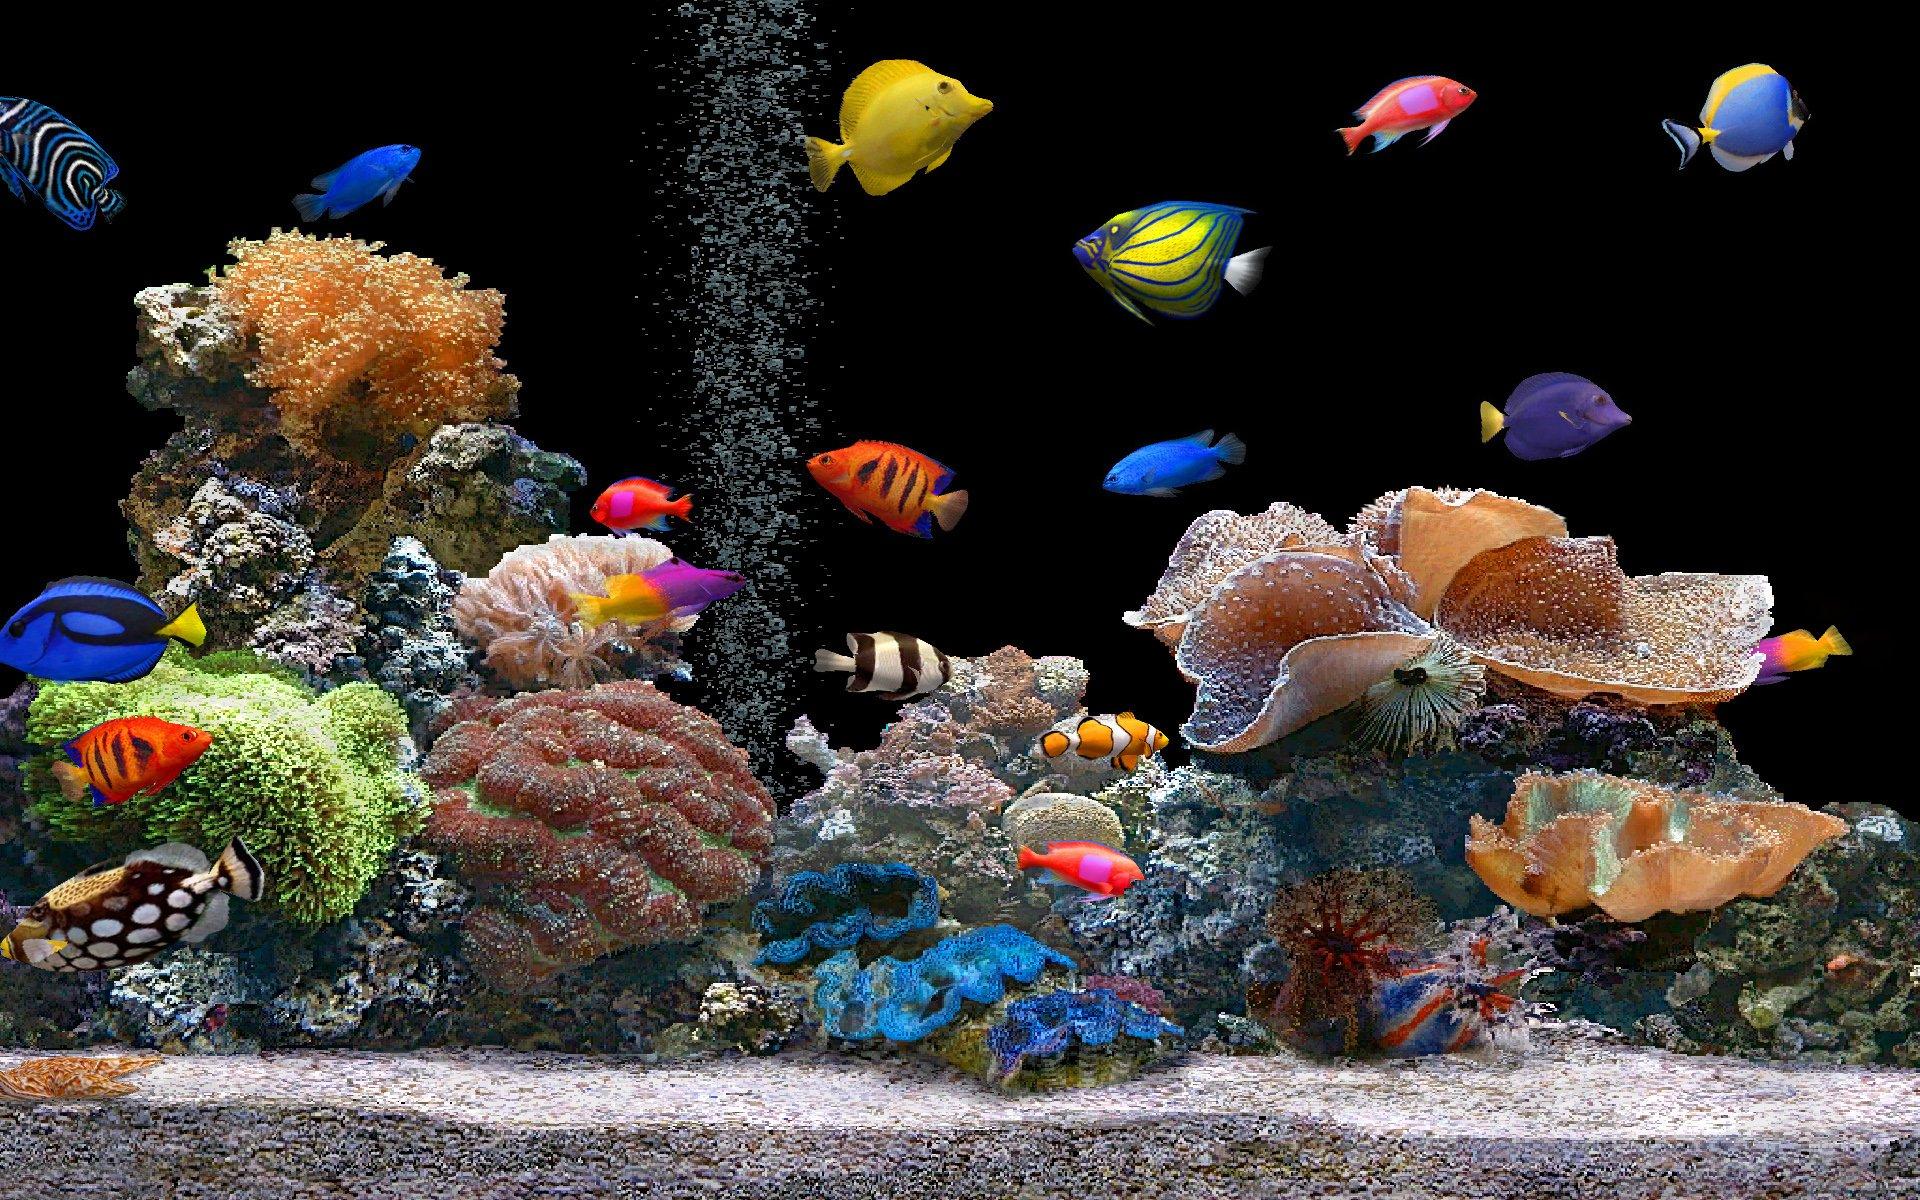 aquarium colorful screensavers wallpapers hd free 138274